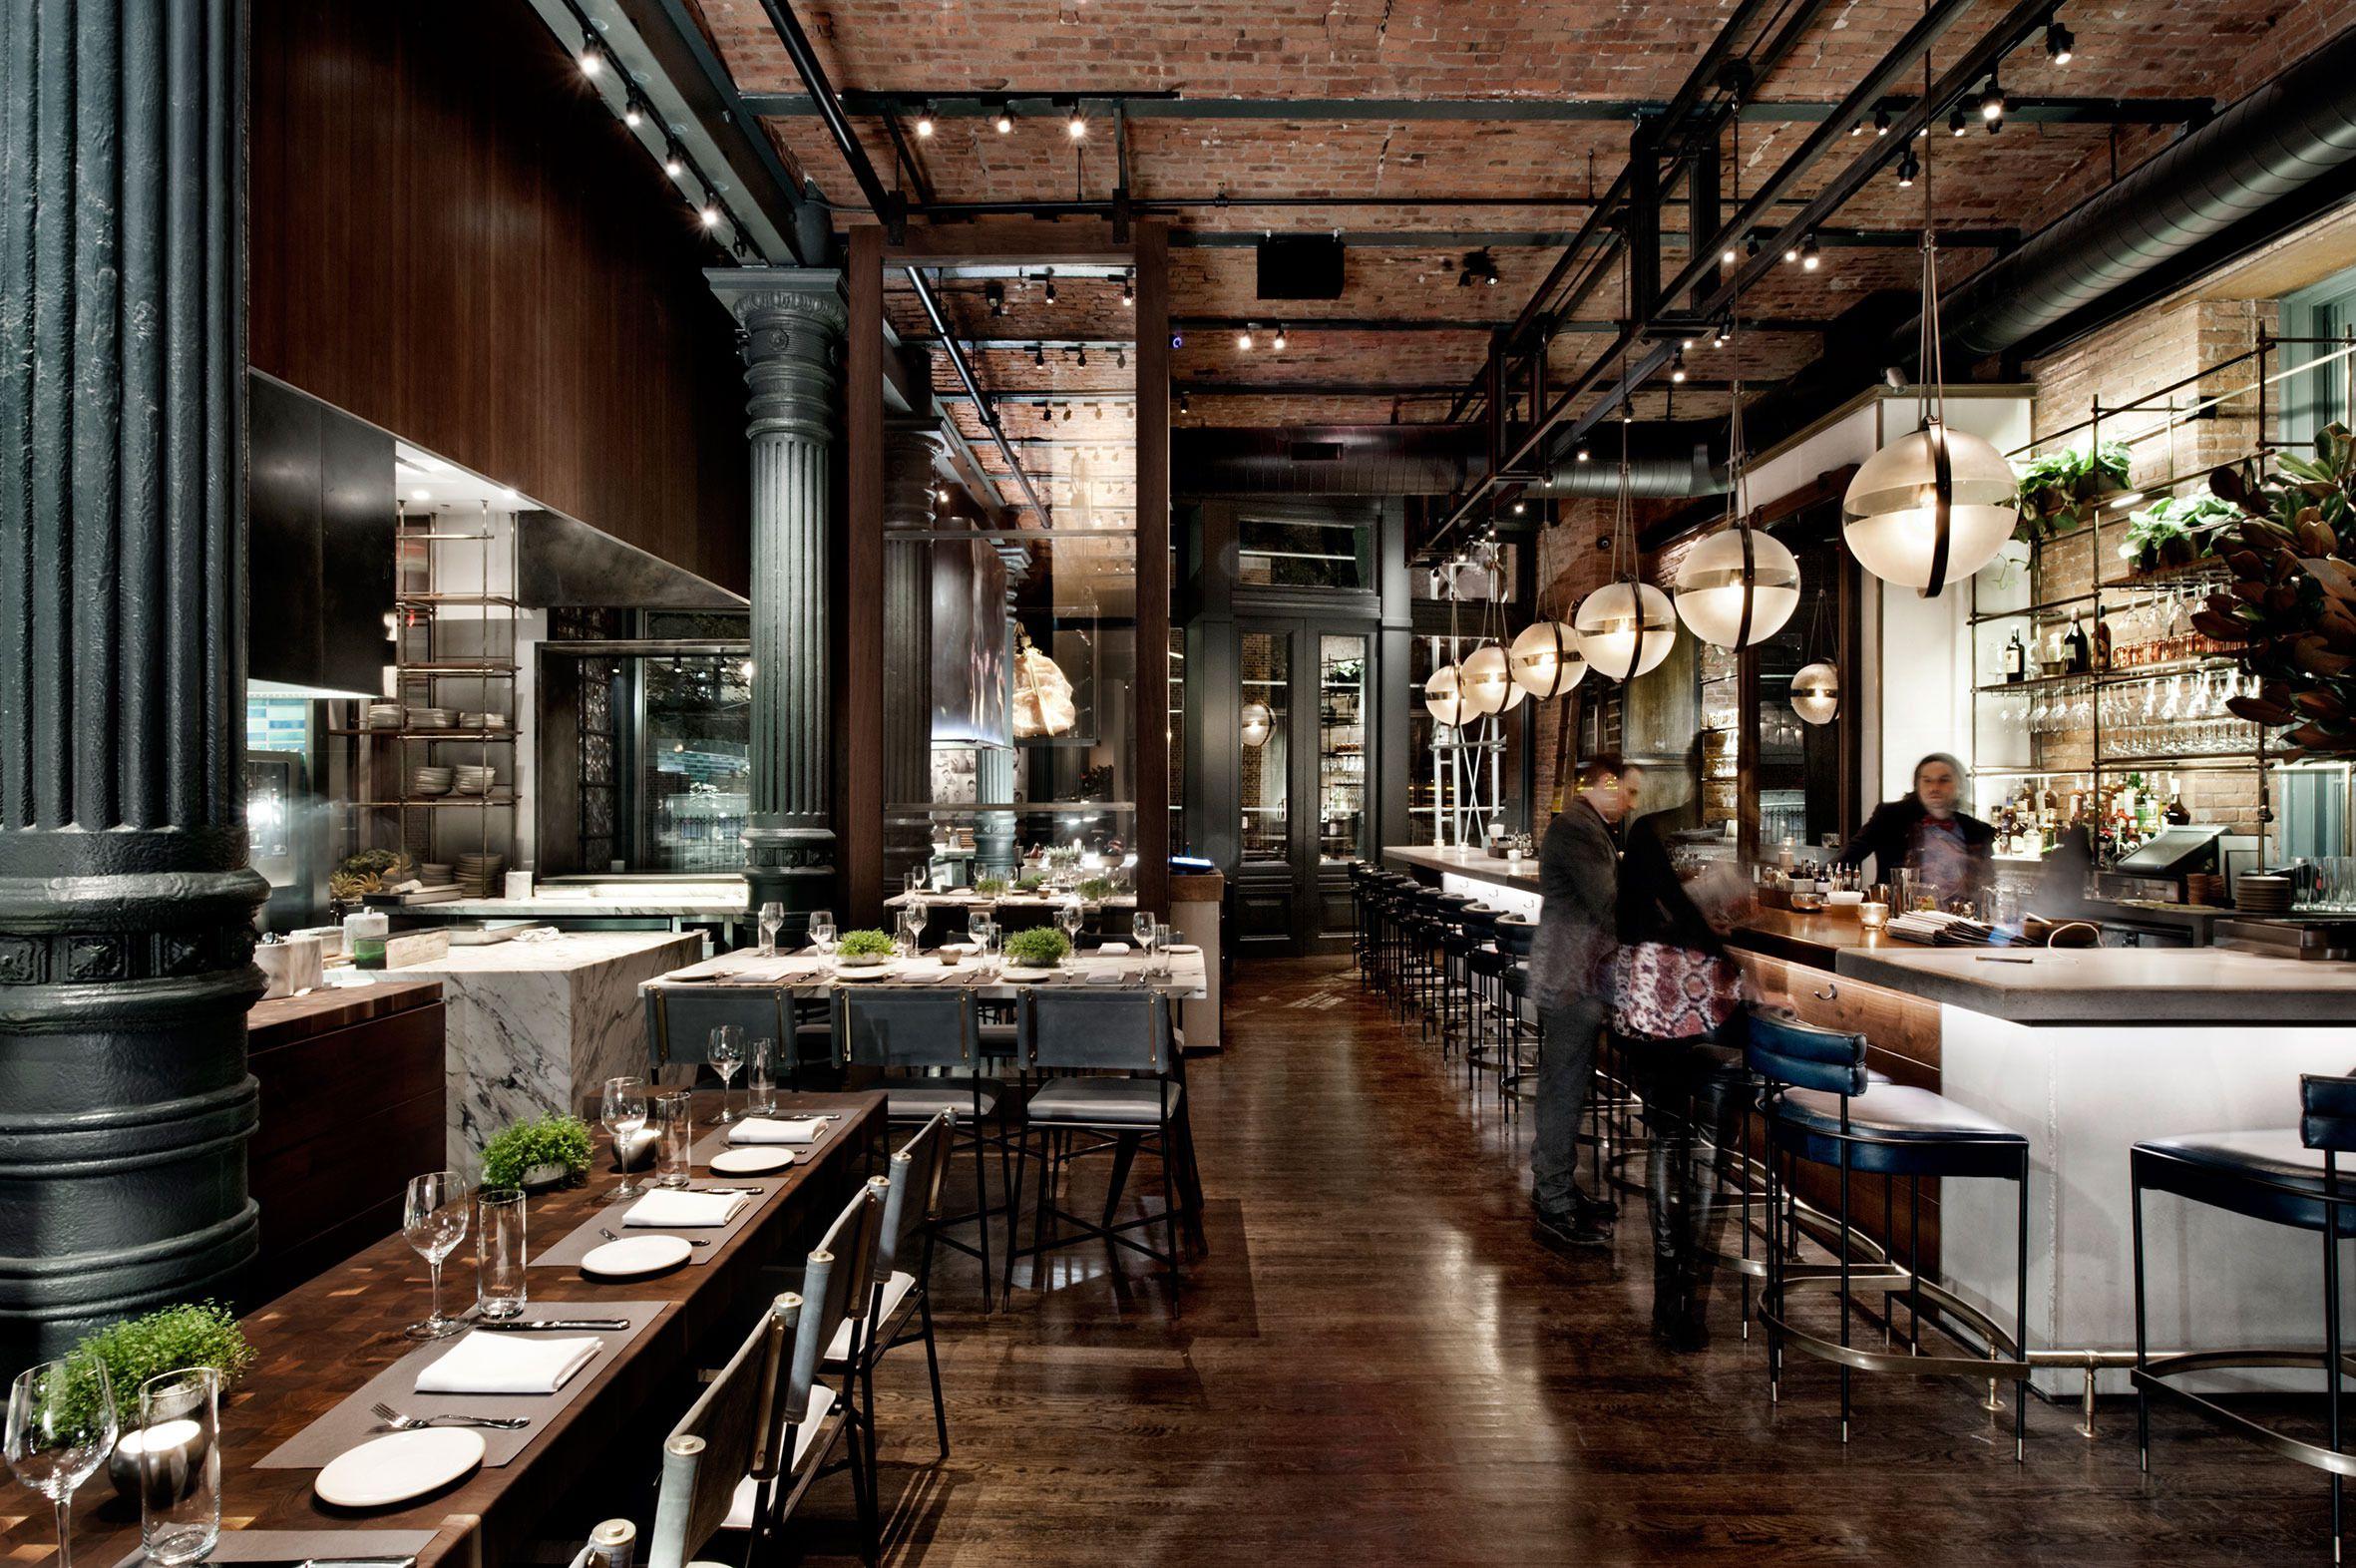 紐約必吃五星級餐廳Chefs Club進駐微風信義!全球米其林主廚都在這,台灣就能吃遍世界頂級料理